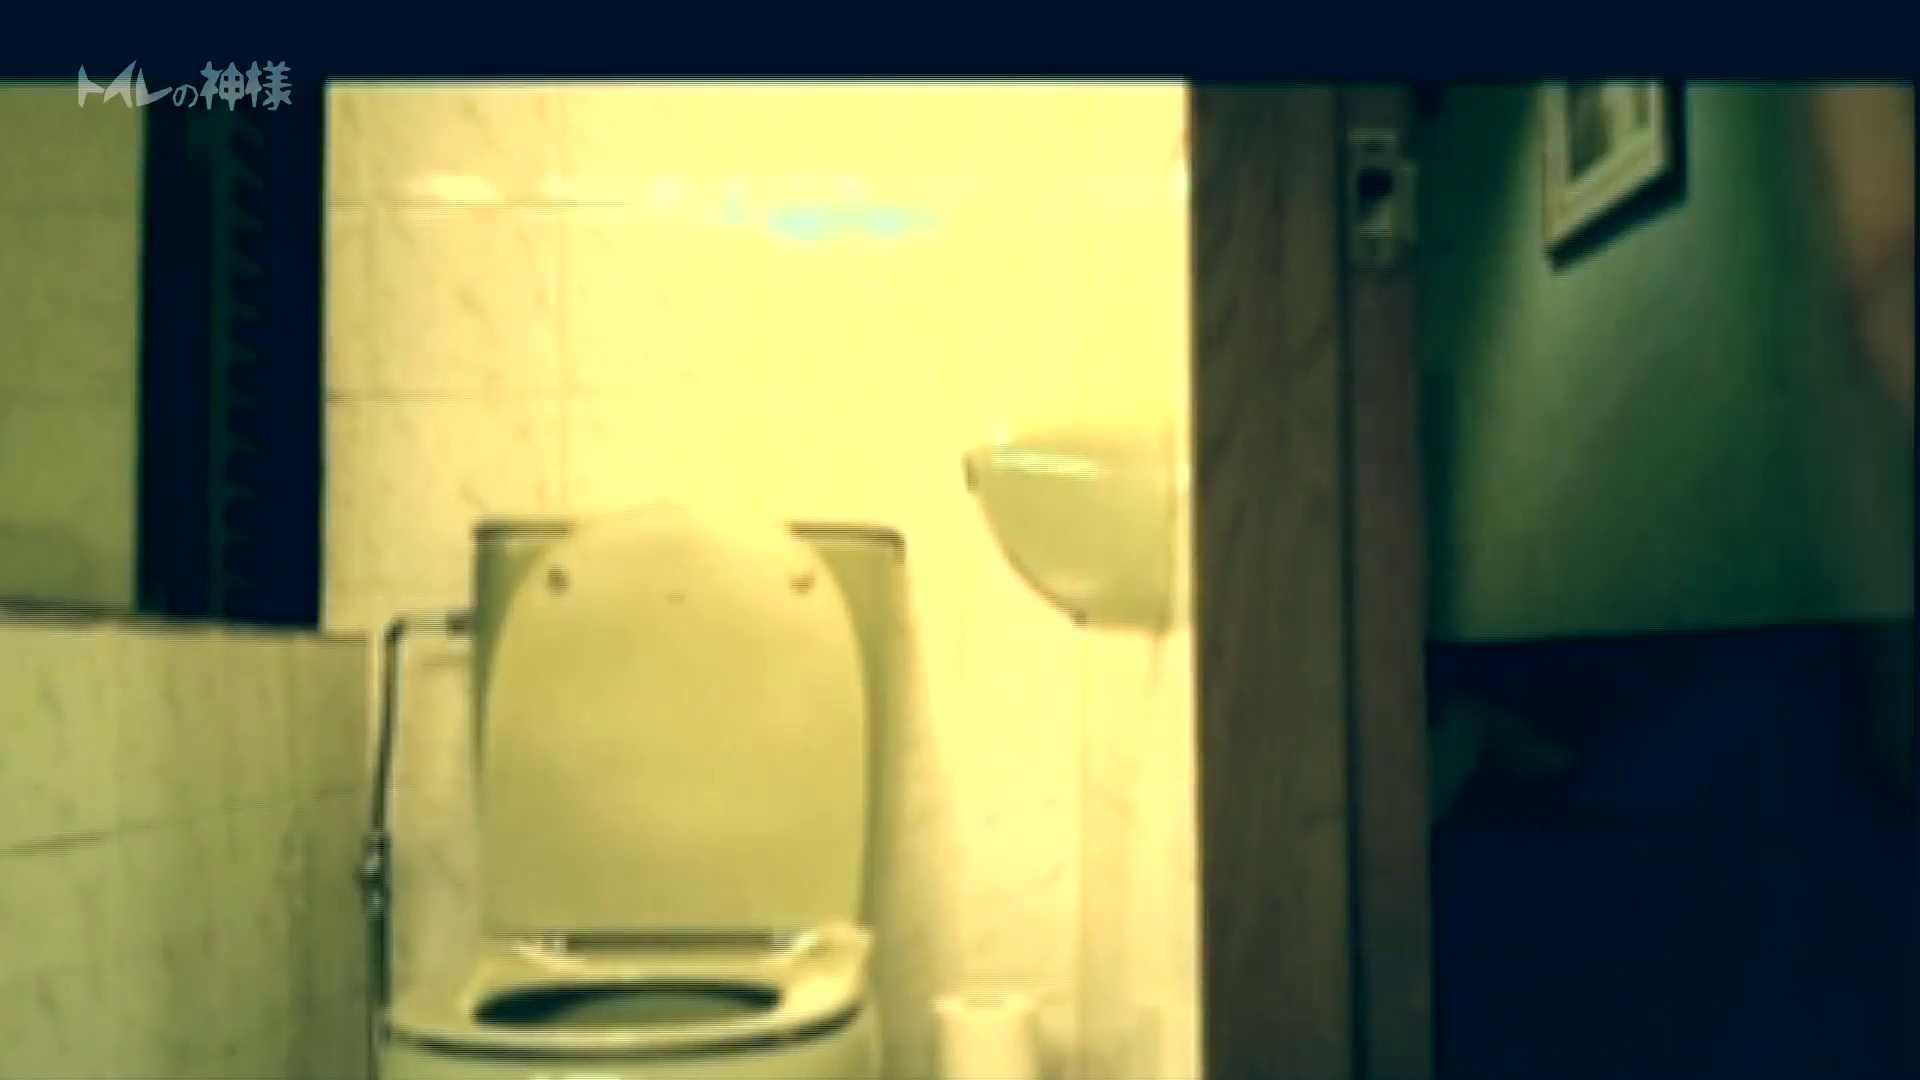 トイレの神様 Vol.01 花の女子大生うんこ盗撮1 うんこ | 色っぽいOL達  59pic 36